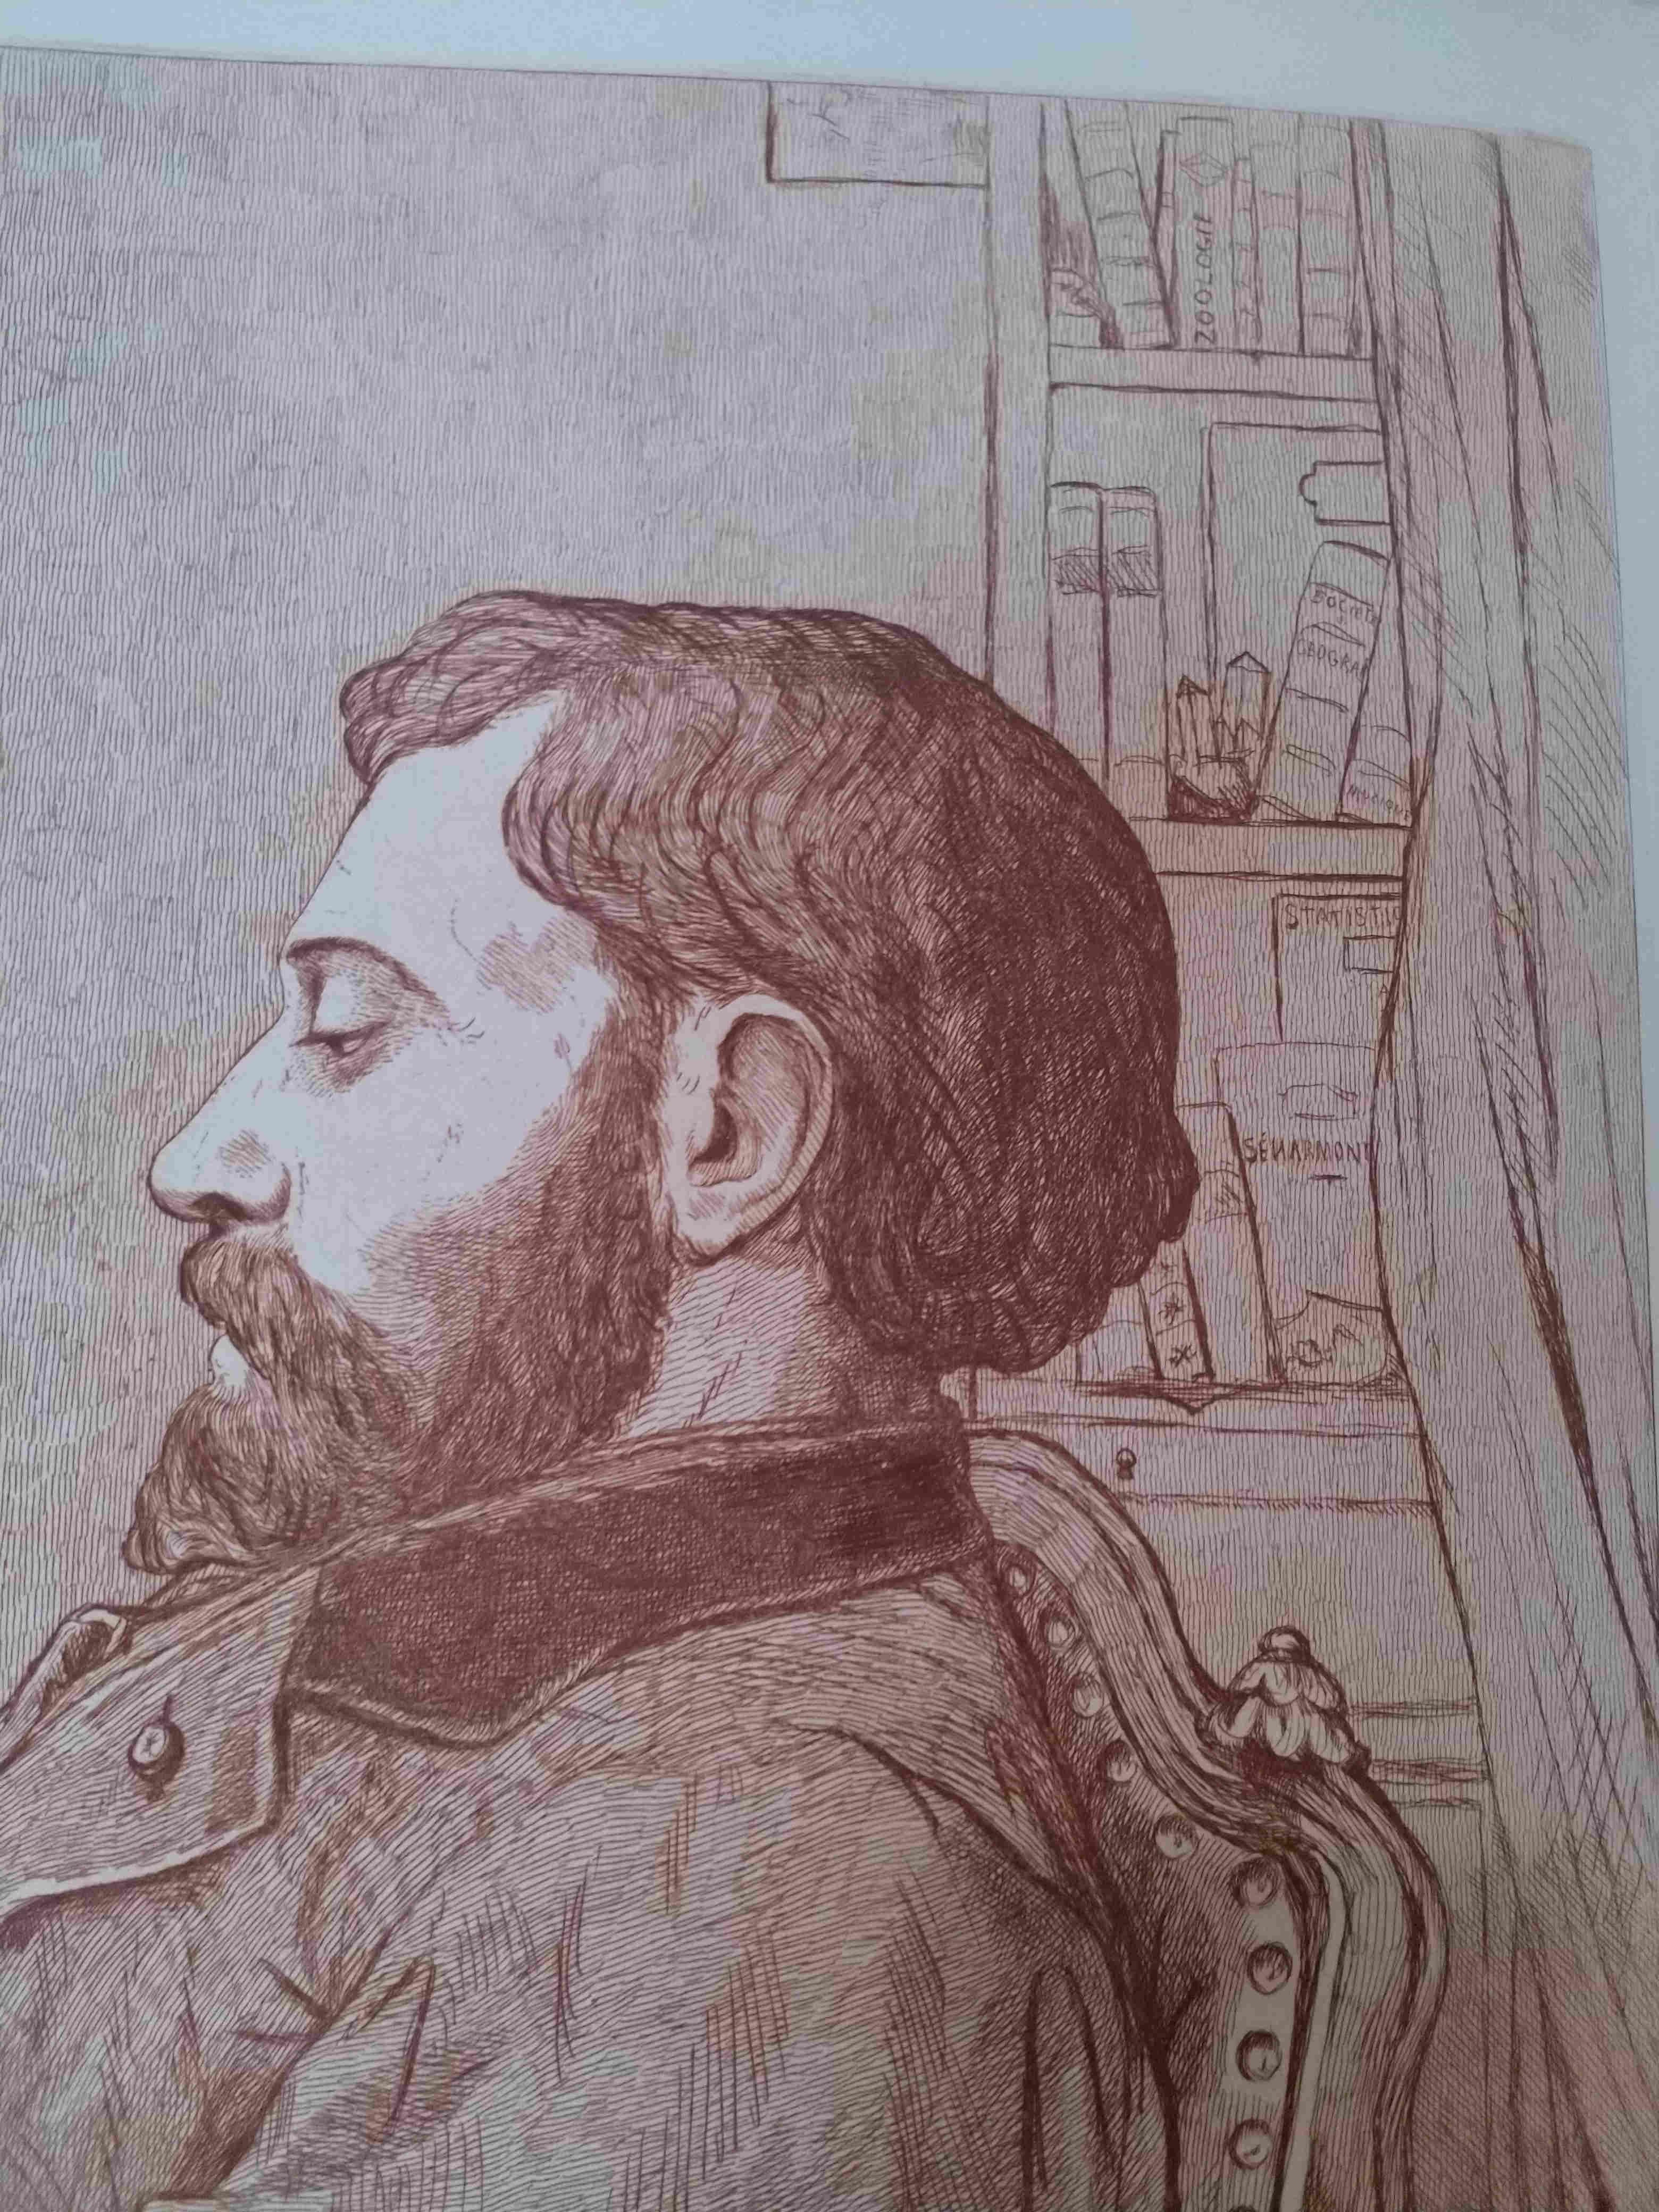 Leopold Armand Hugo BNF Autoportrait etudiant detail 1